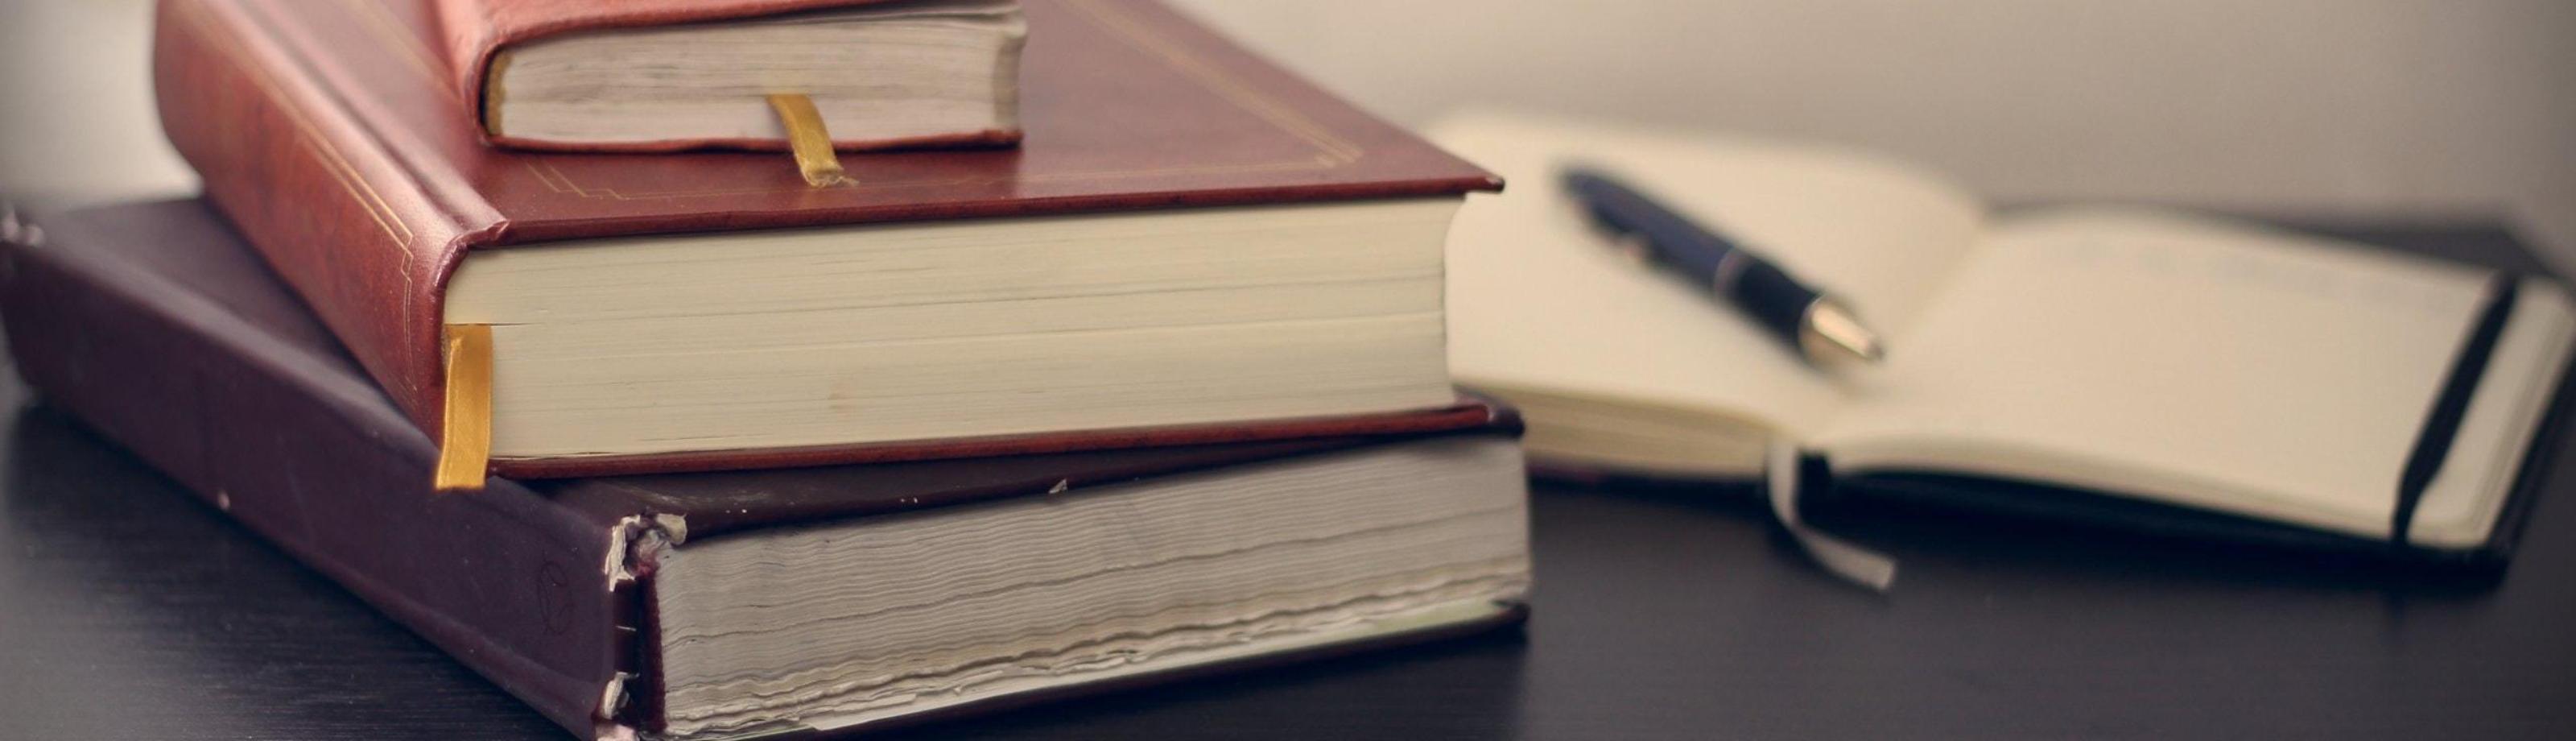 Boeken gestapeld